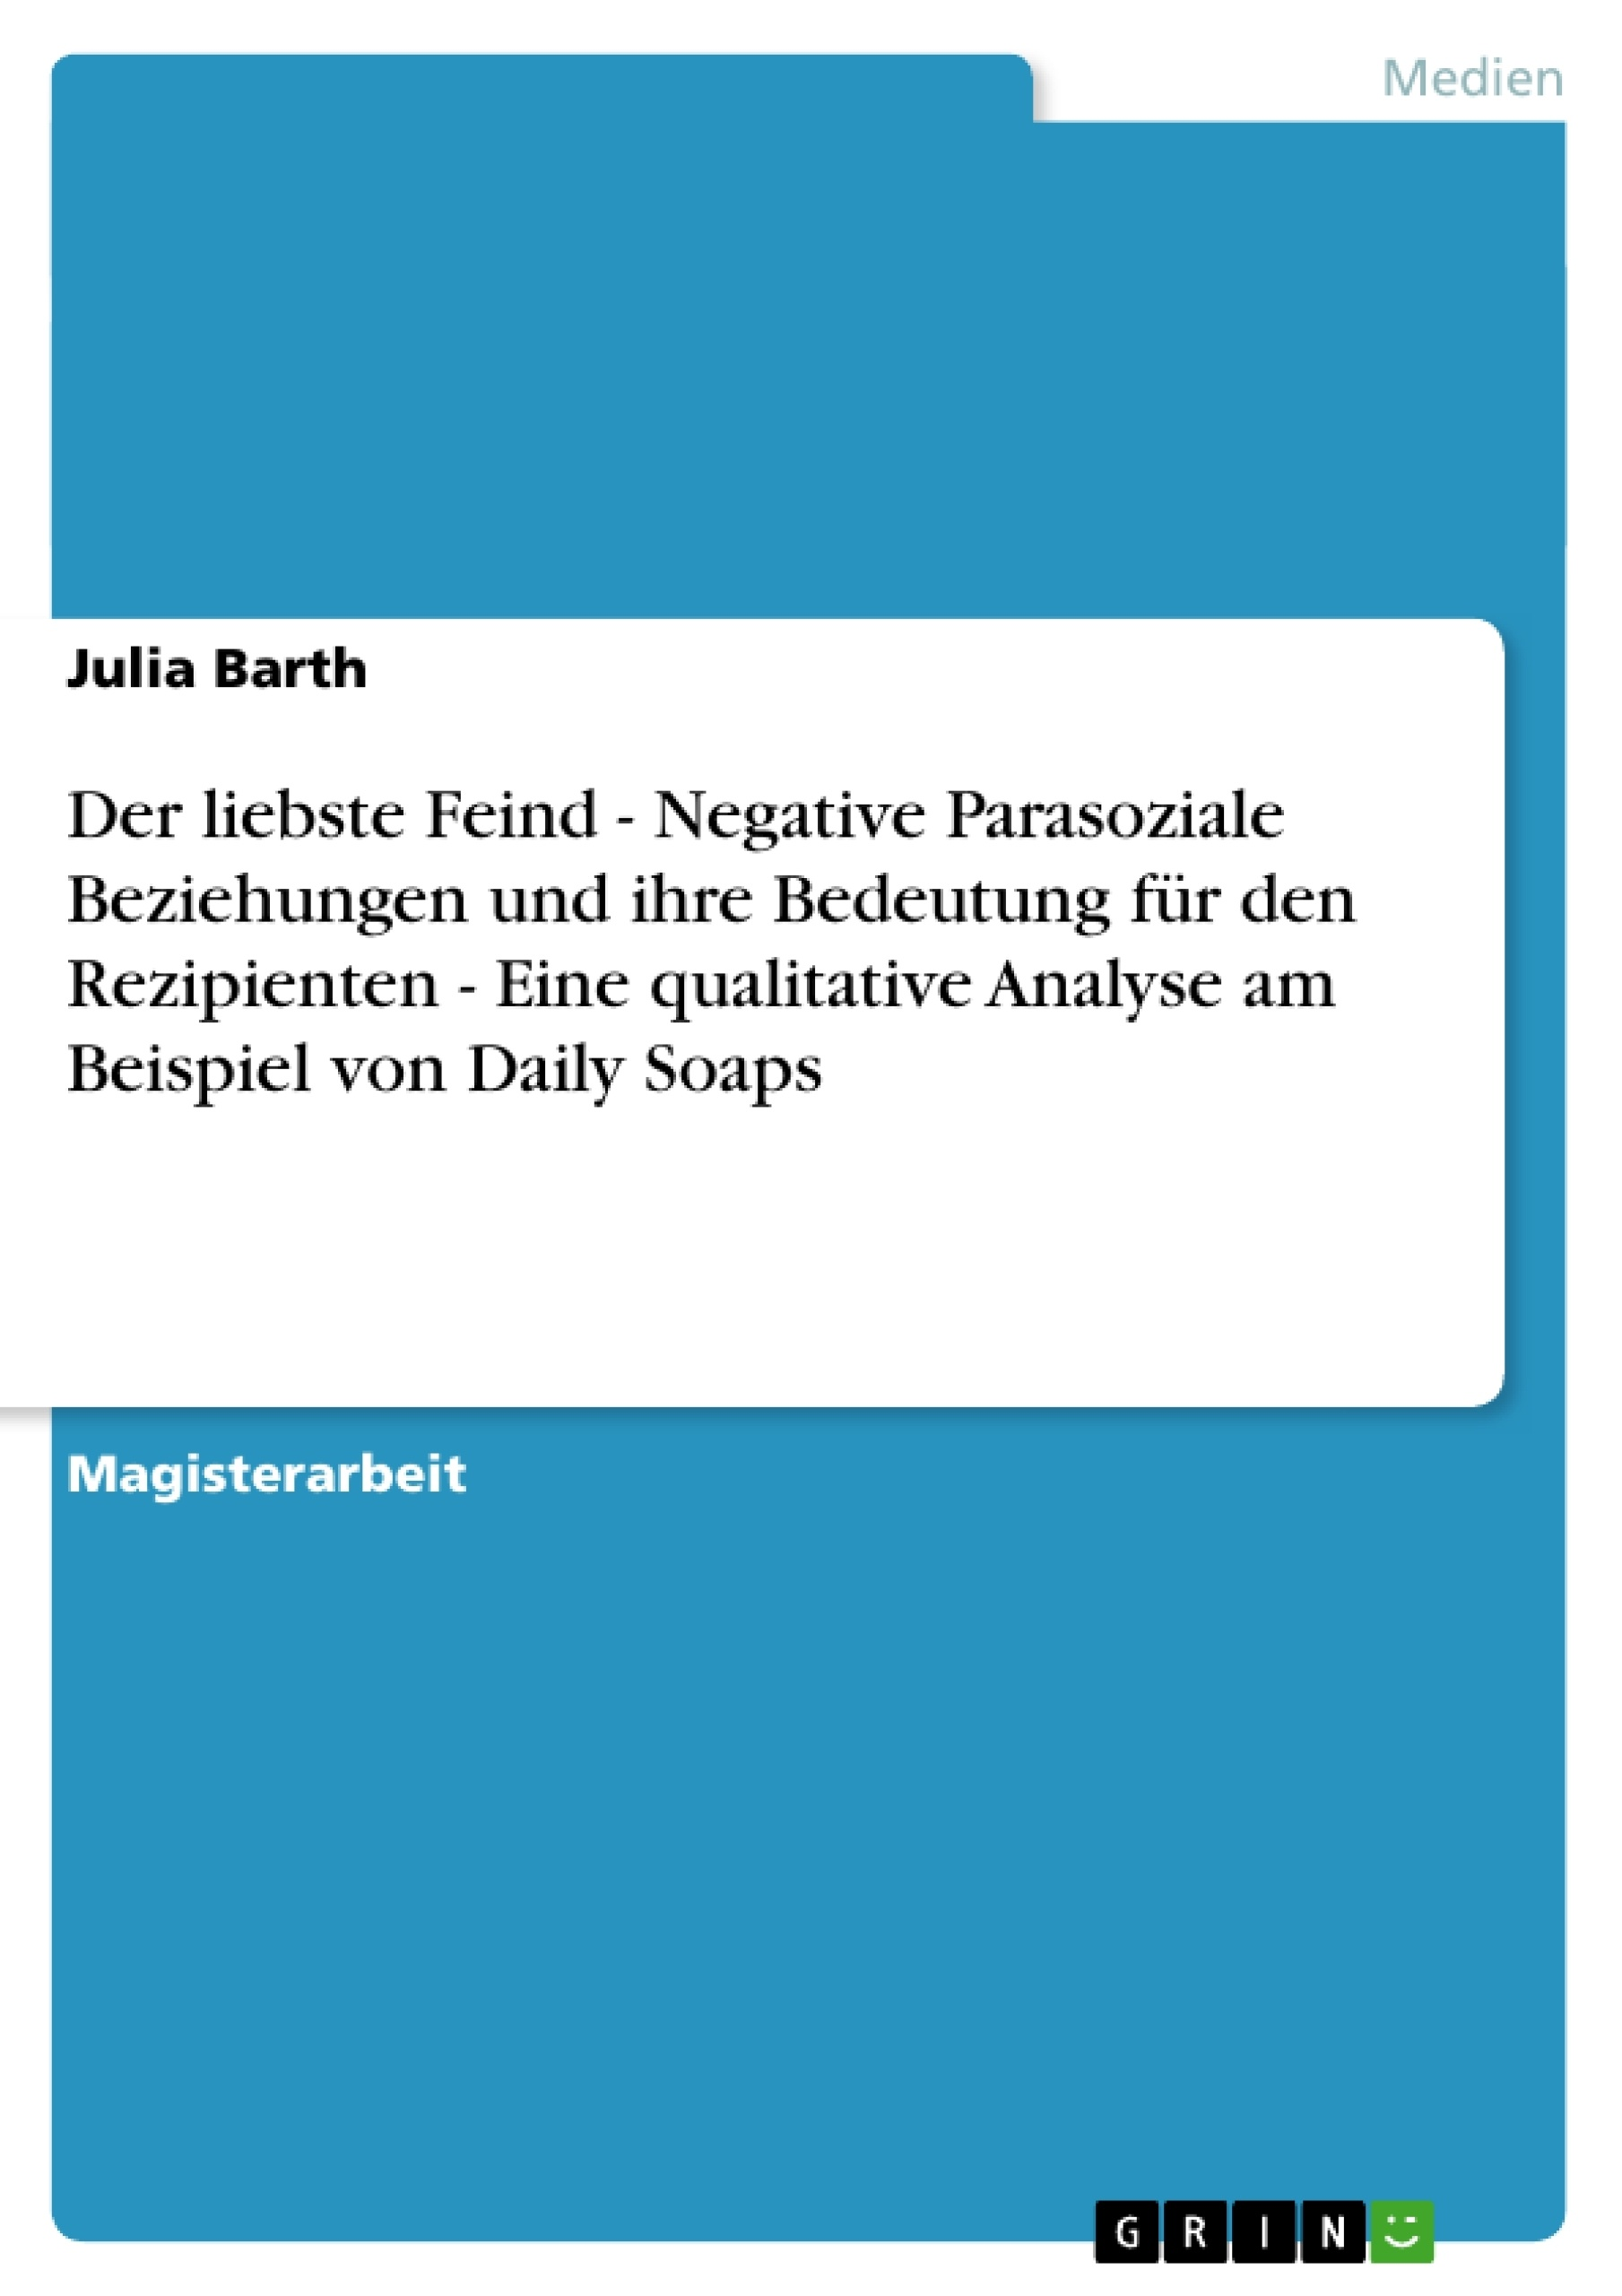 Titel: Der liebste Feind - Negative Parasoziale Beziehungen und ihre Bedeutung für den Rezipienten - Eine qualitative Analyse am Beispiel von Daily Soaps